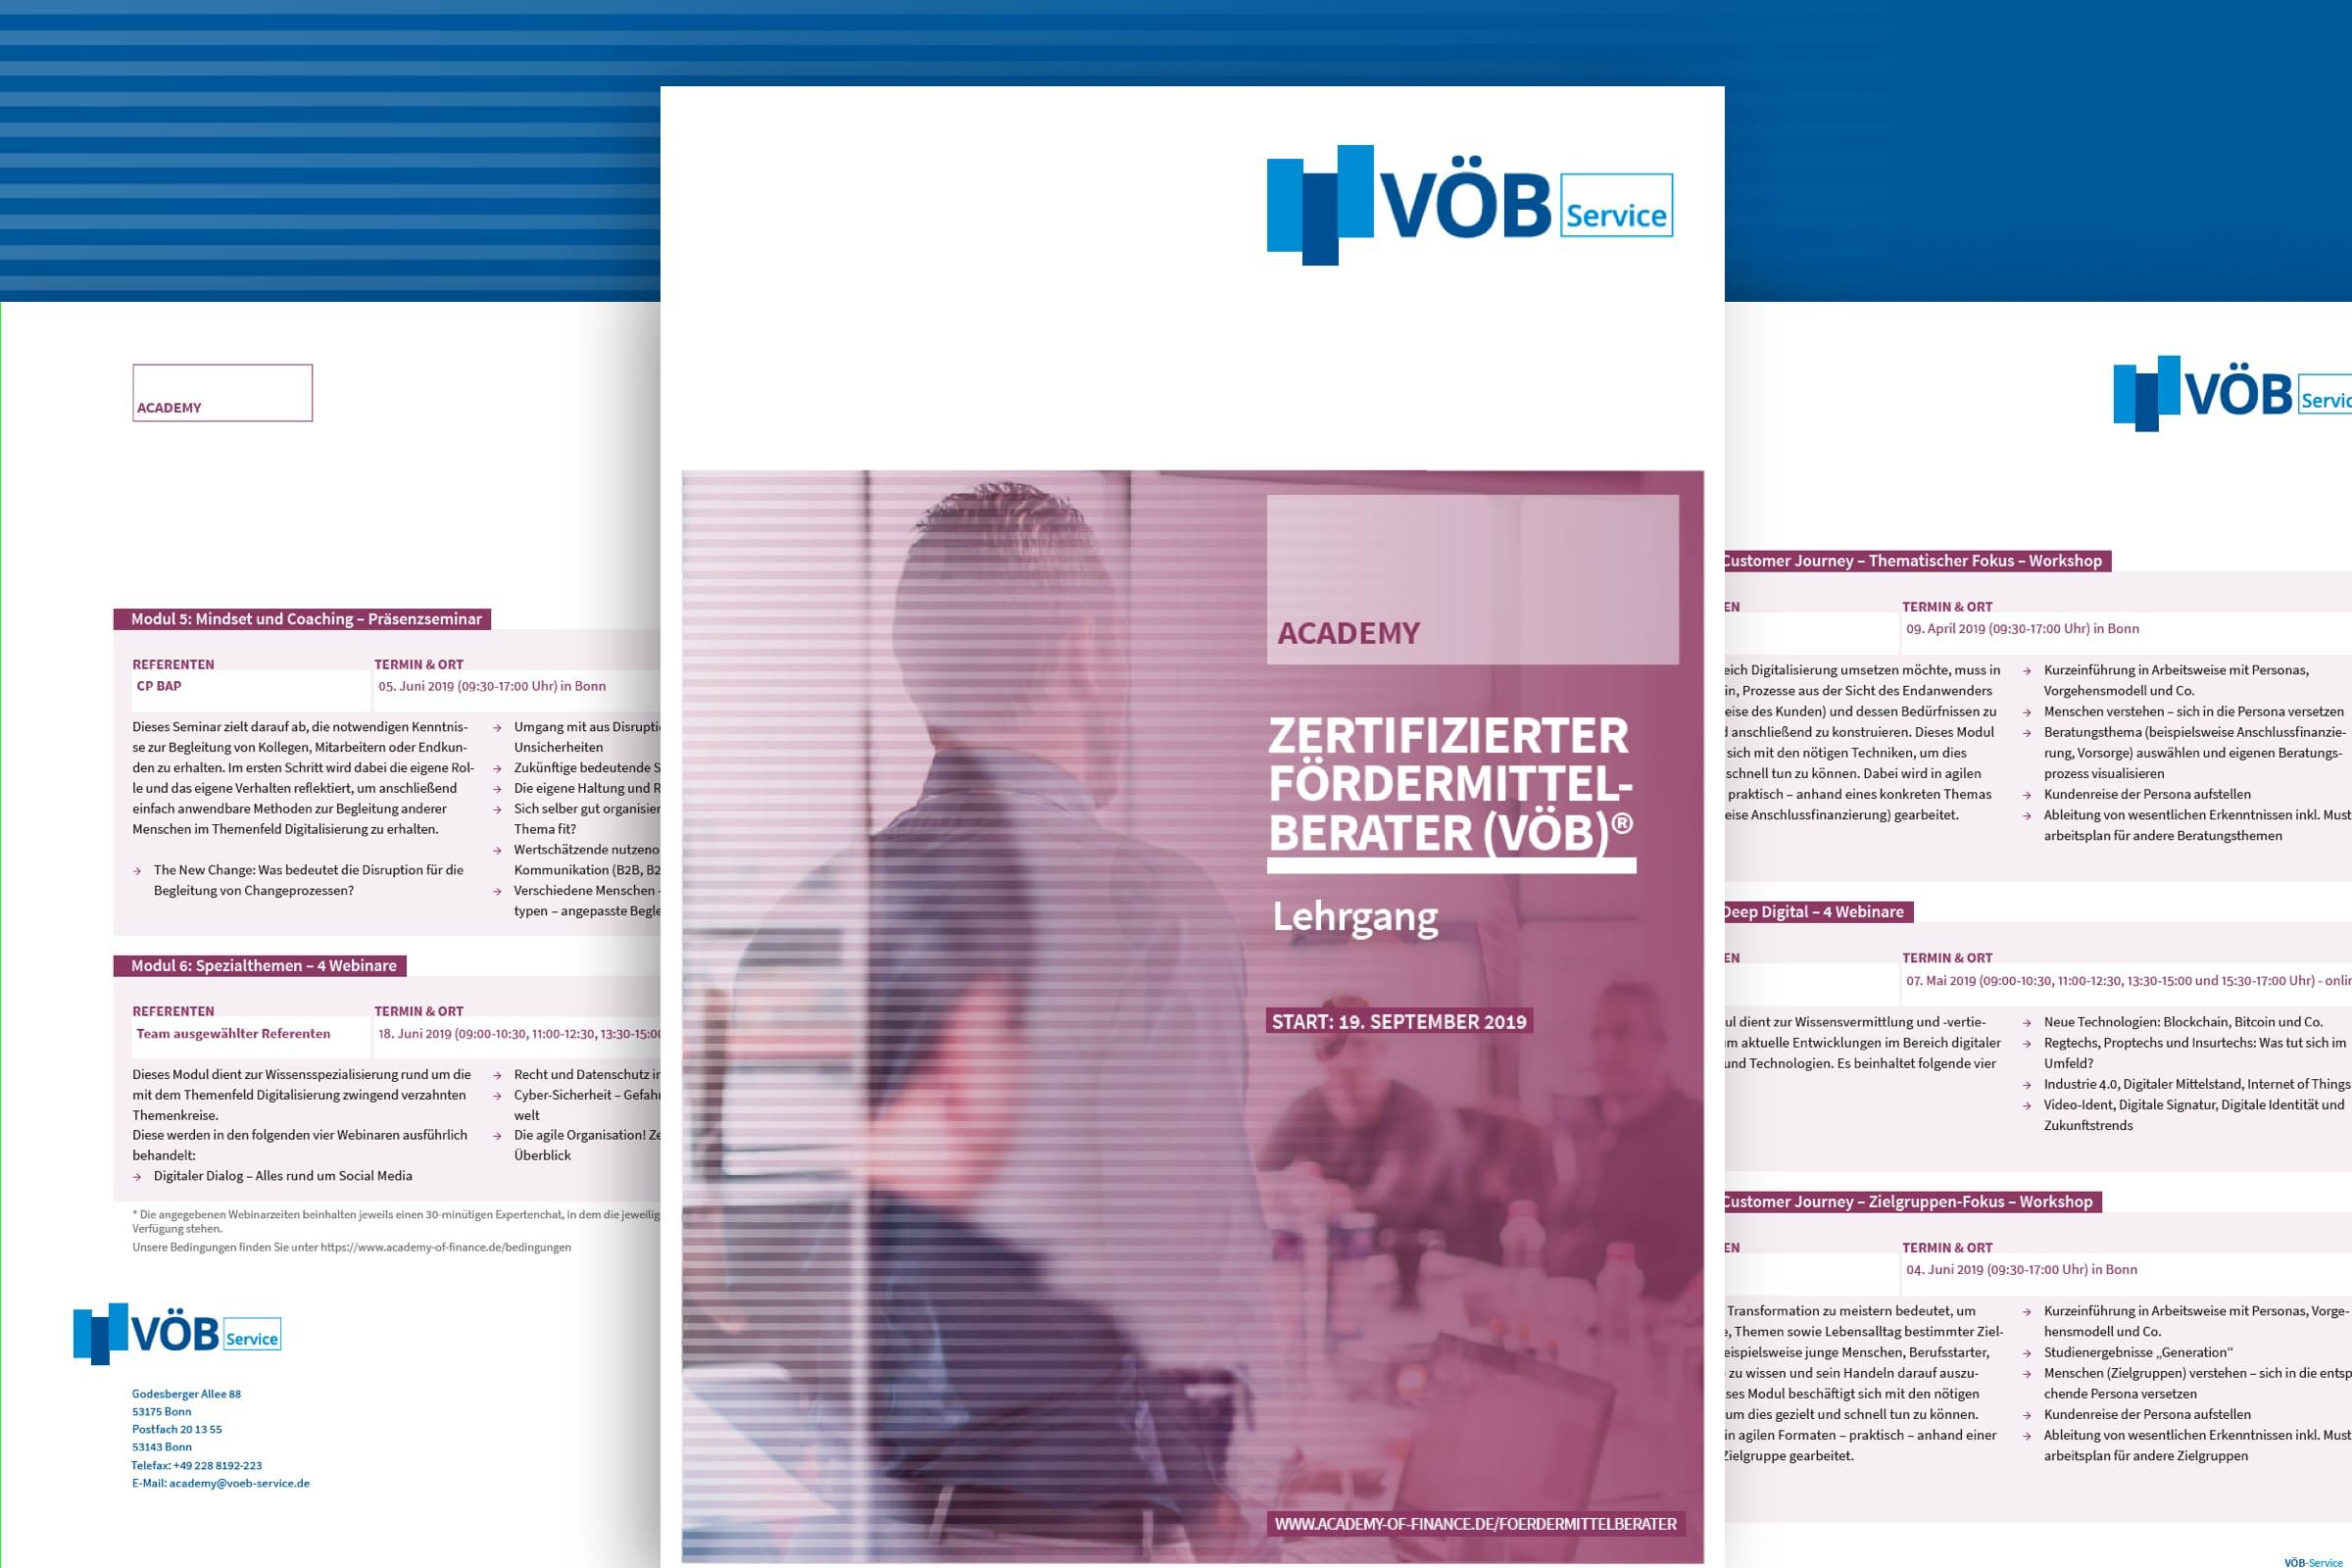 Montage von Titel und Folgeseiten einer Produktbroschüre des VÖB-Service